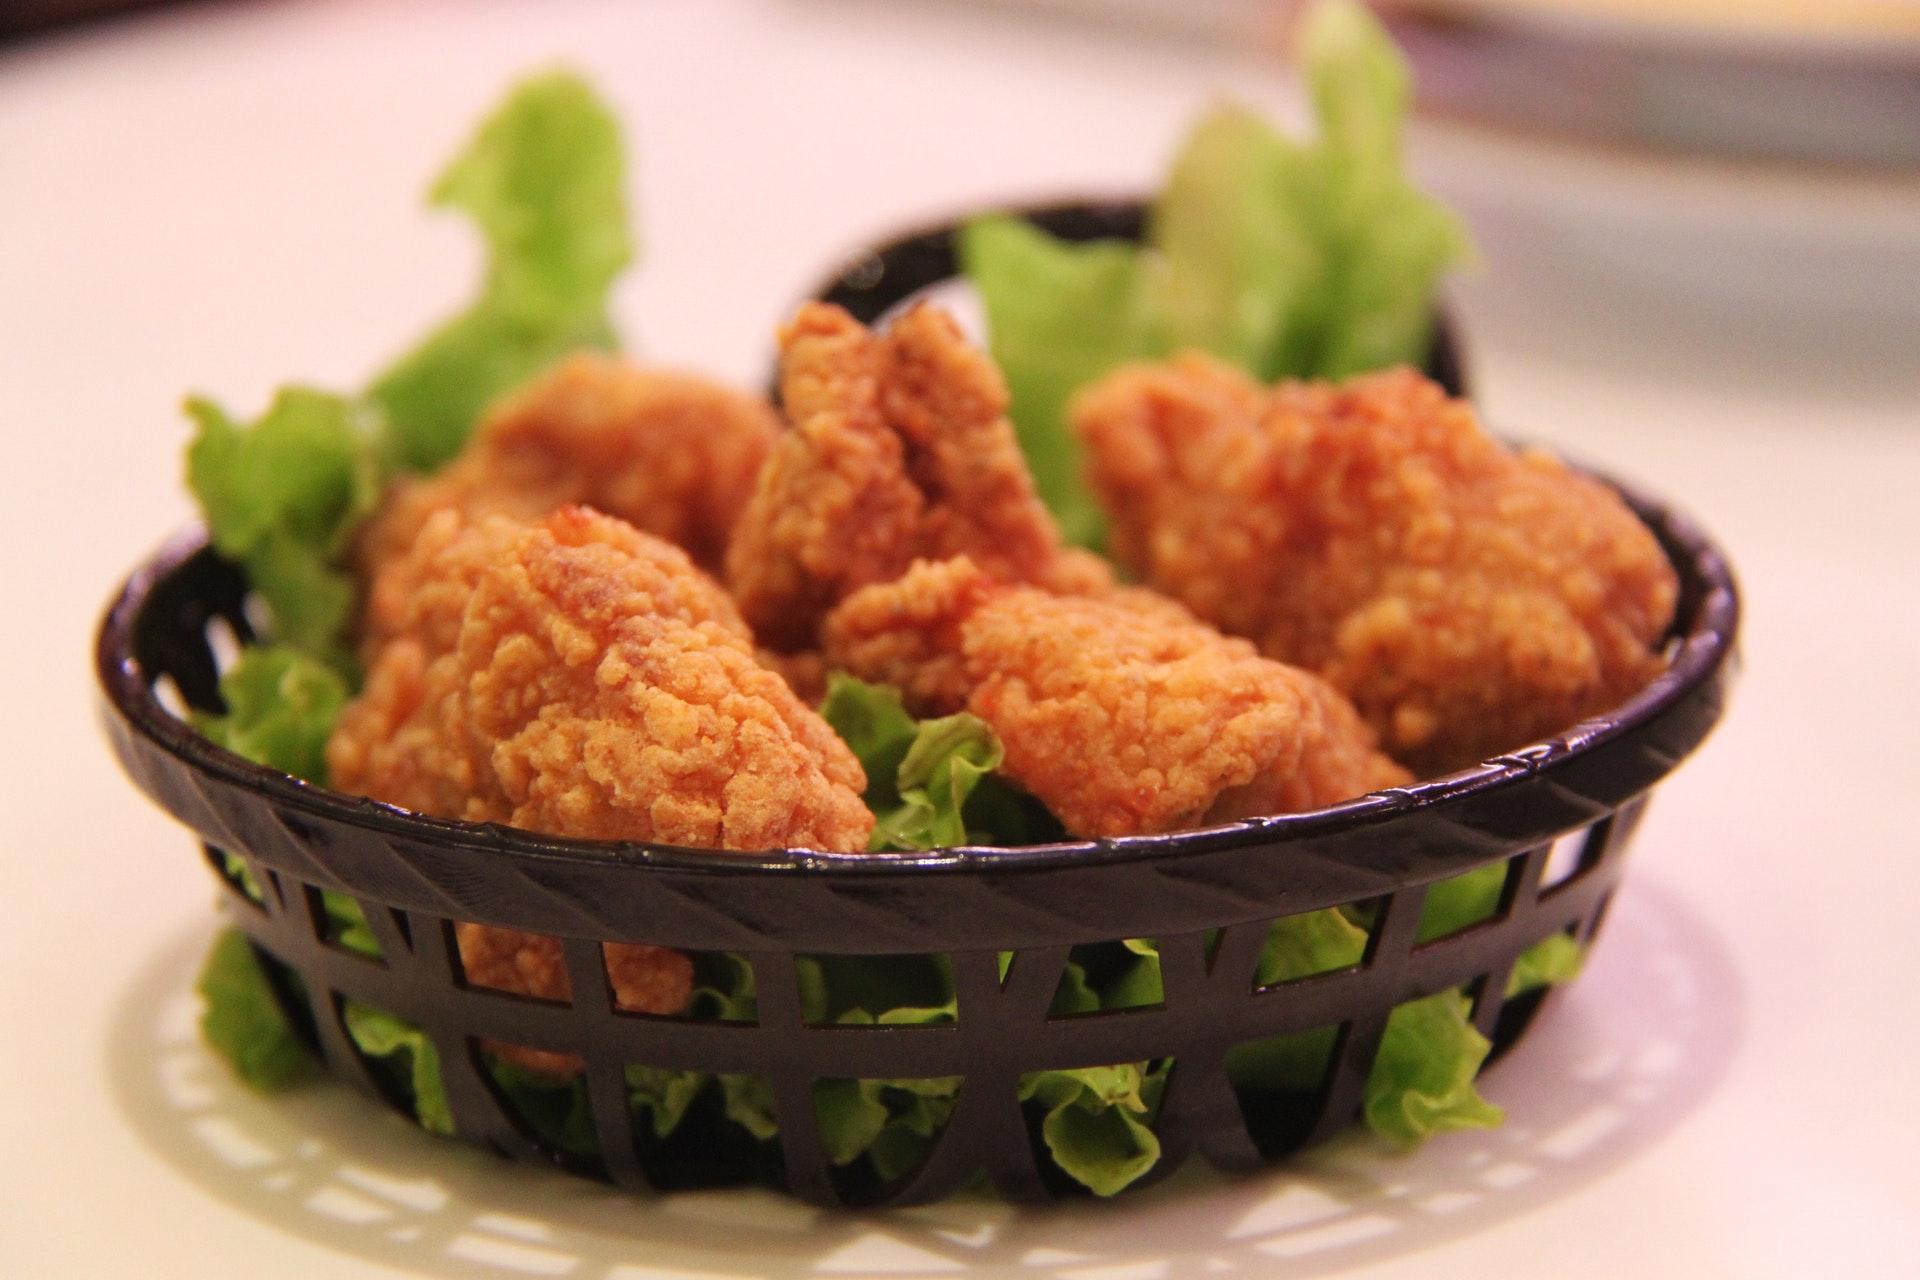 Vemos pedaços de frango frito em uma bandeja (imagem ilustrativa).